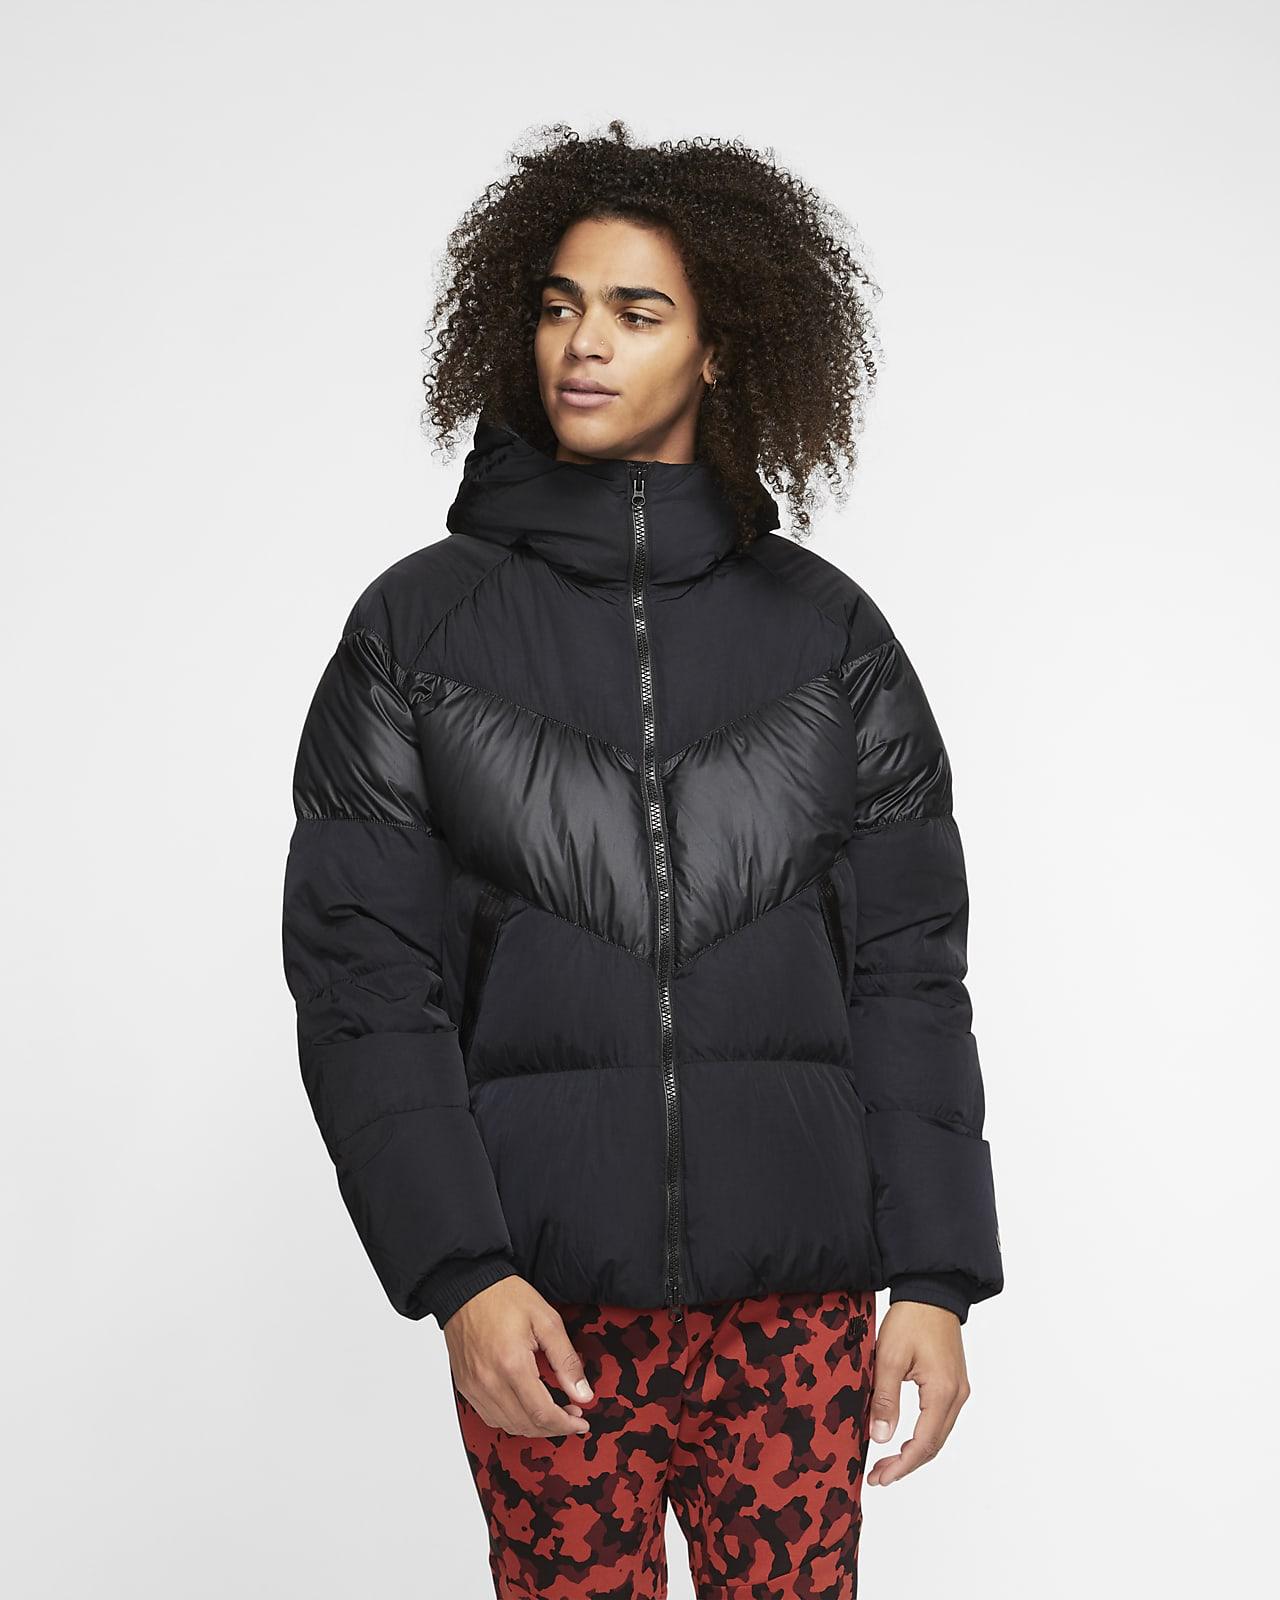 Berri Derivación metodología  Nike Sportswear Down-Fill Chaqueta acolchada - Hombre. Nike ES